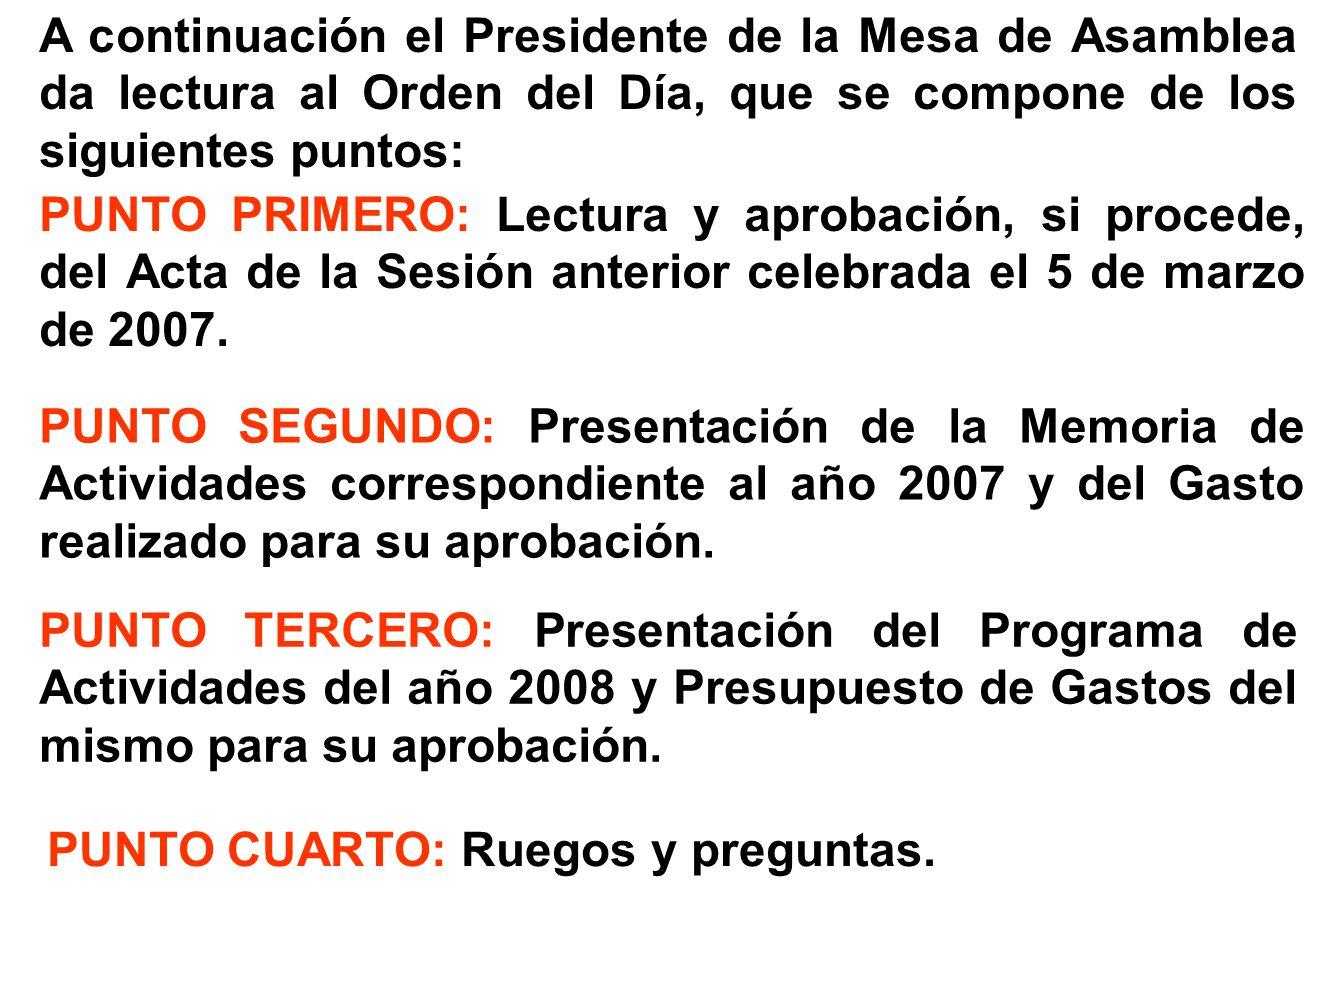 A continuación el Presidente de la Mesa de Asamblea da lectura al Orden del Día, que se compone de los siguientes puntos: